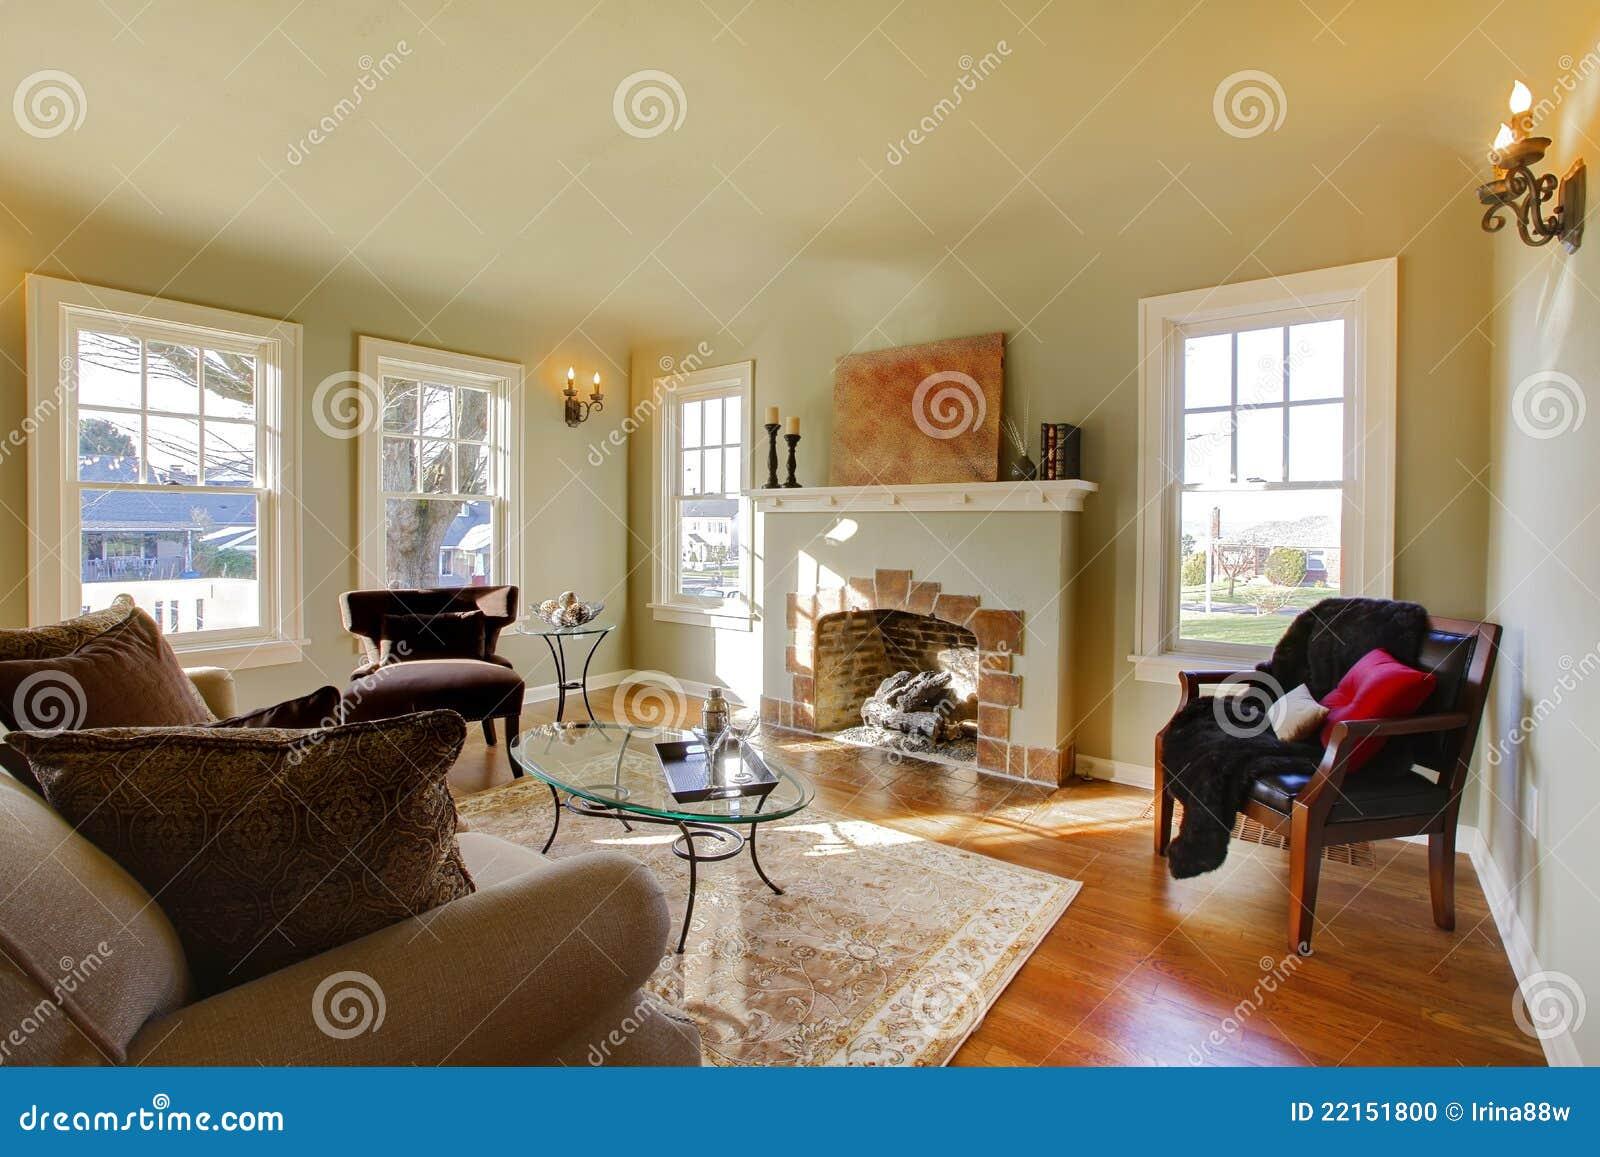 Woonkamer met groene muren stock foto's– 42 woonkamer met groene ...